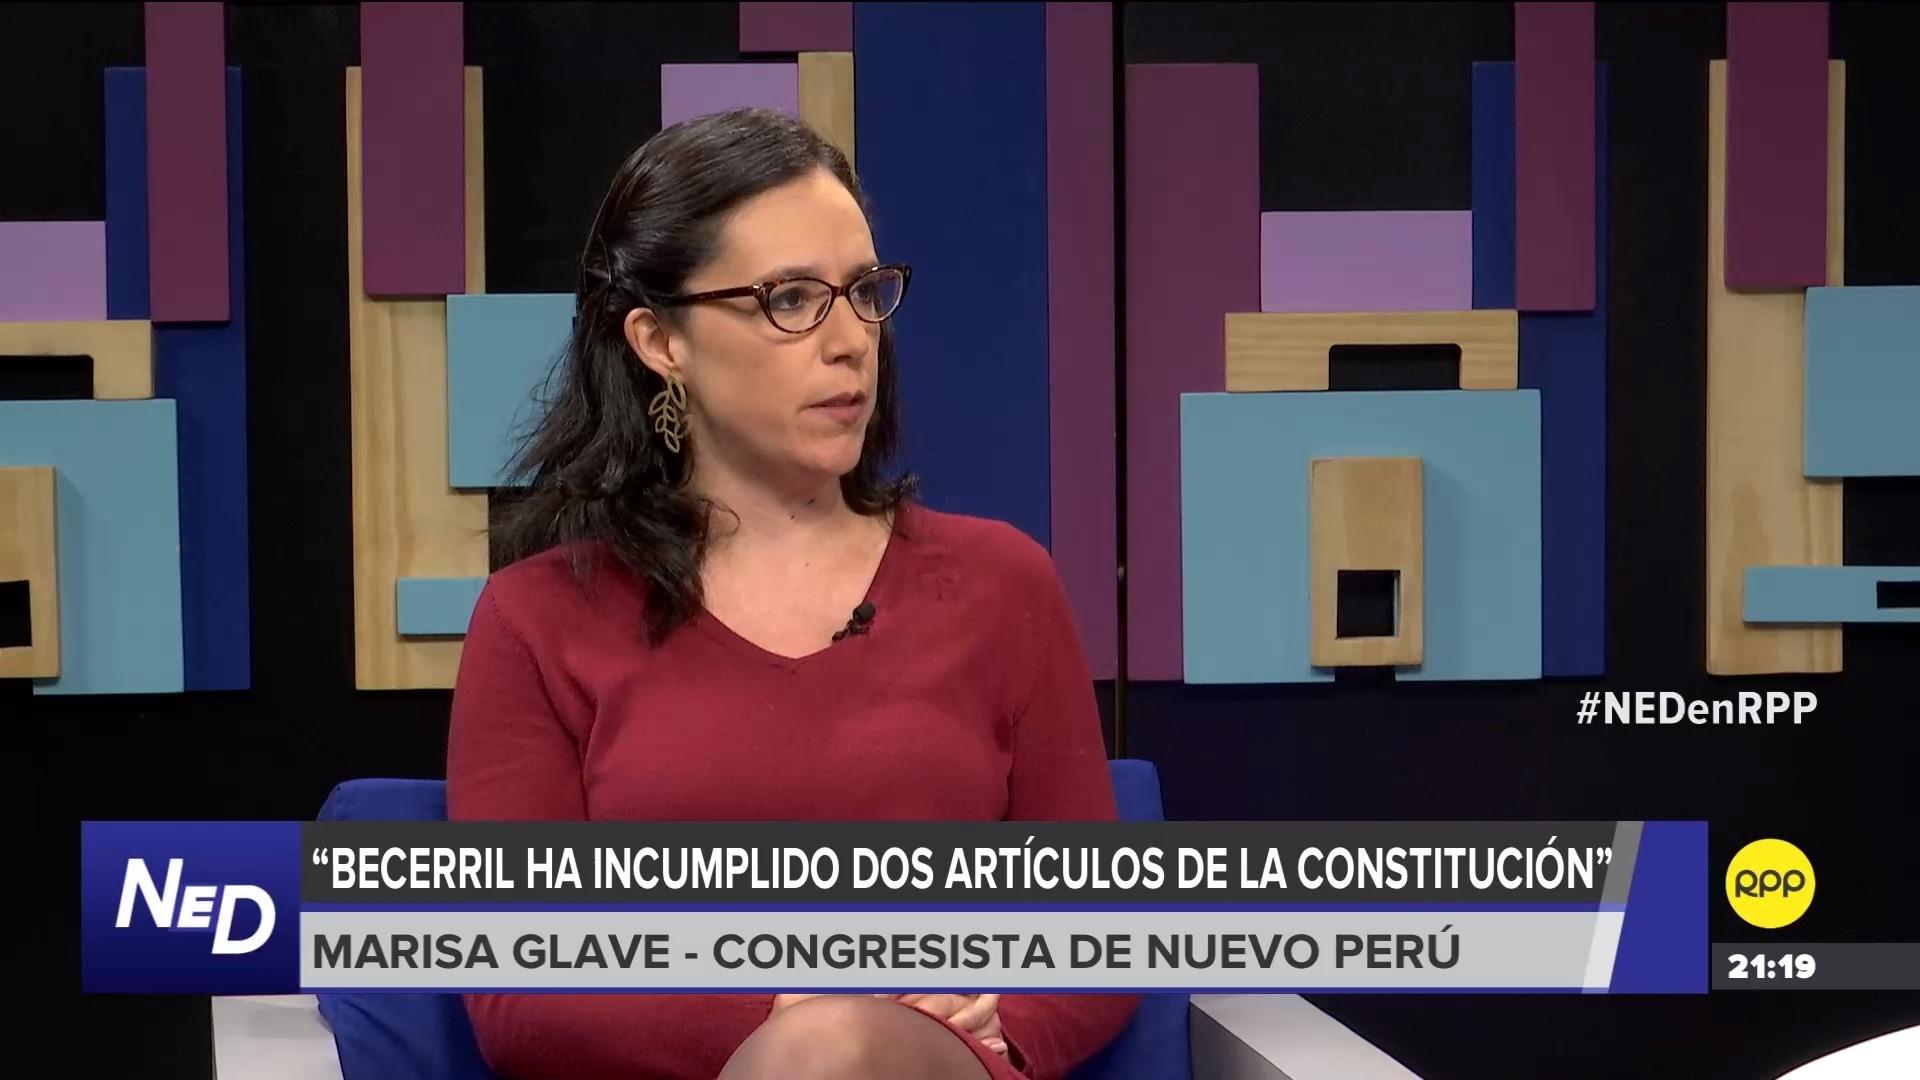 La congresista comparó la situación de Becerril con la de Luz Salgado quien fue censurada en el 2000 por aparecer en un 'Vladivideo'.